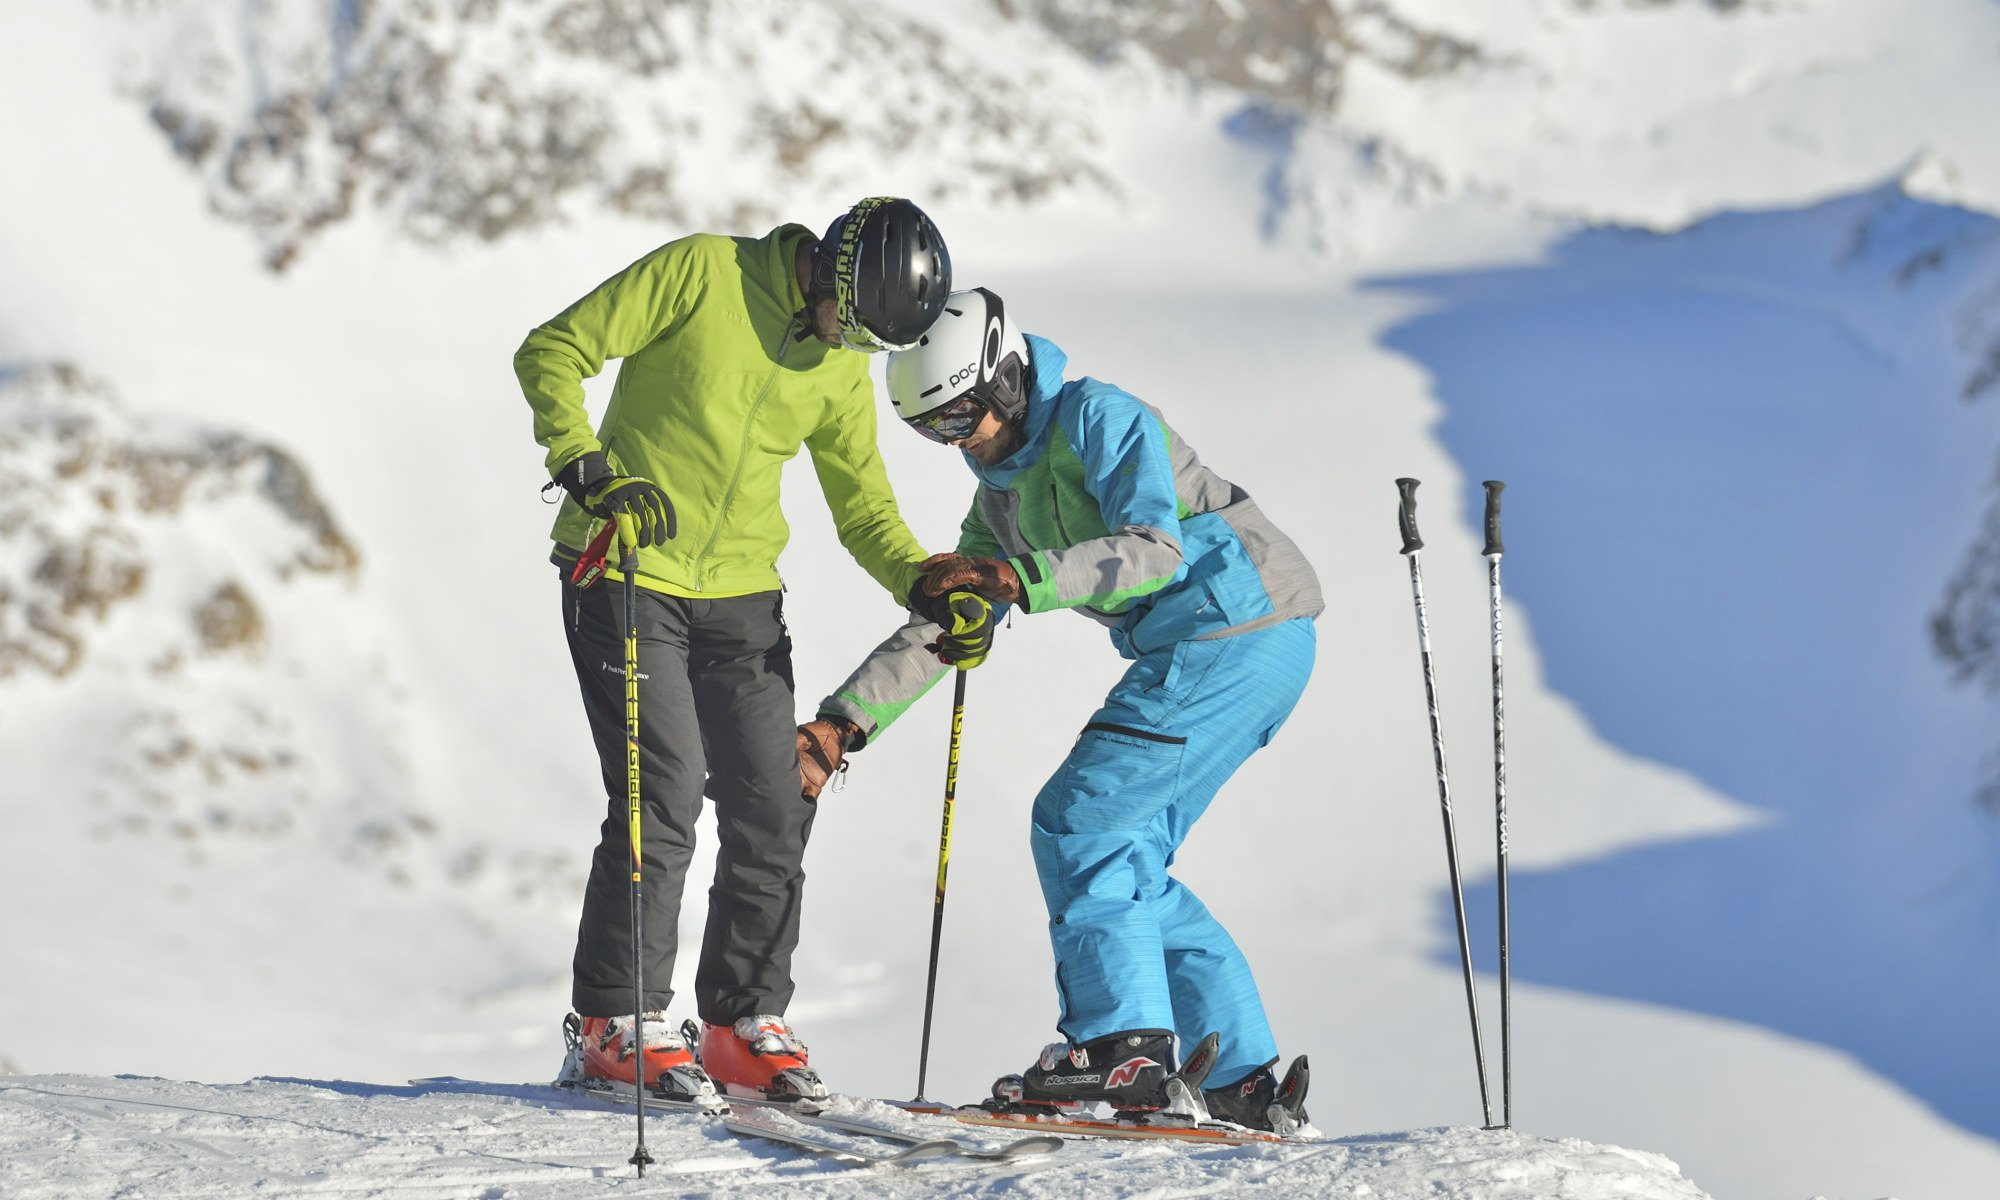 Un moniteur de ski montre à son élève comment positionner ses jambes.